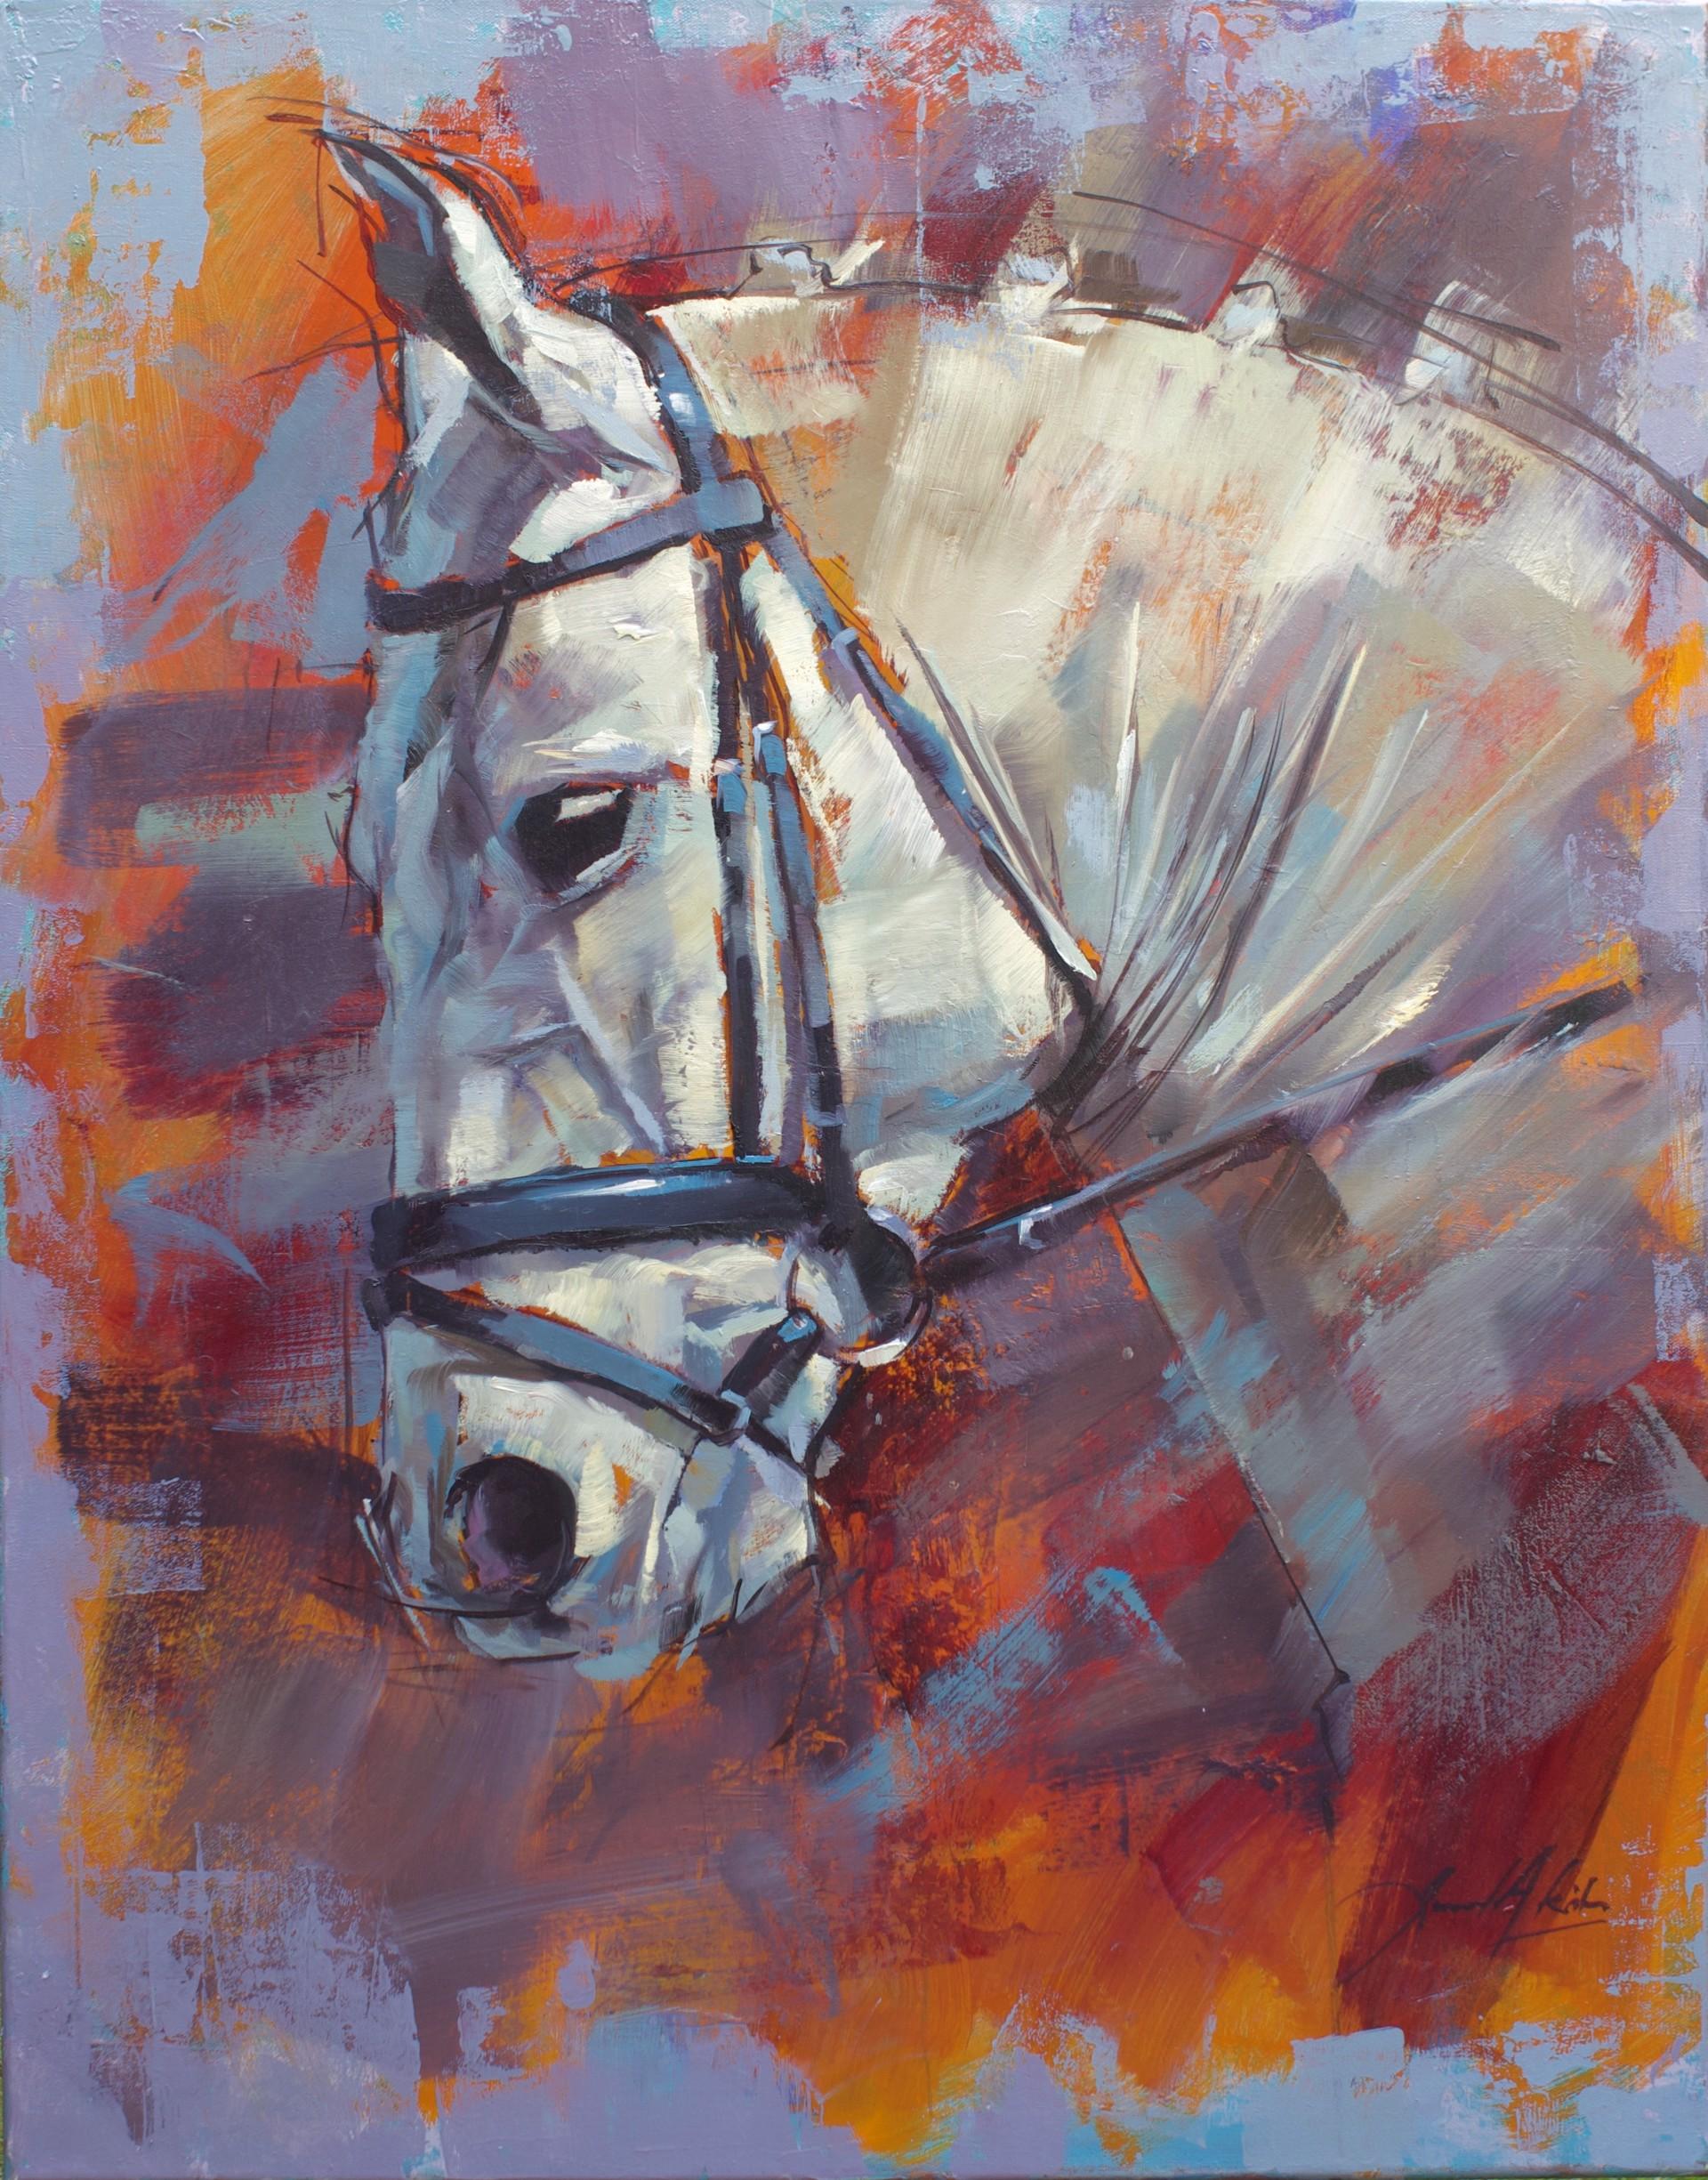 Equus I by Jamel Akib